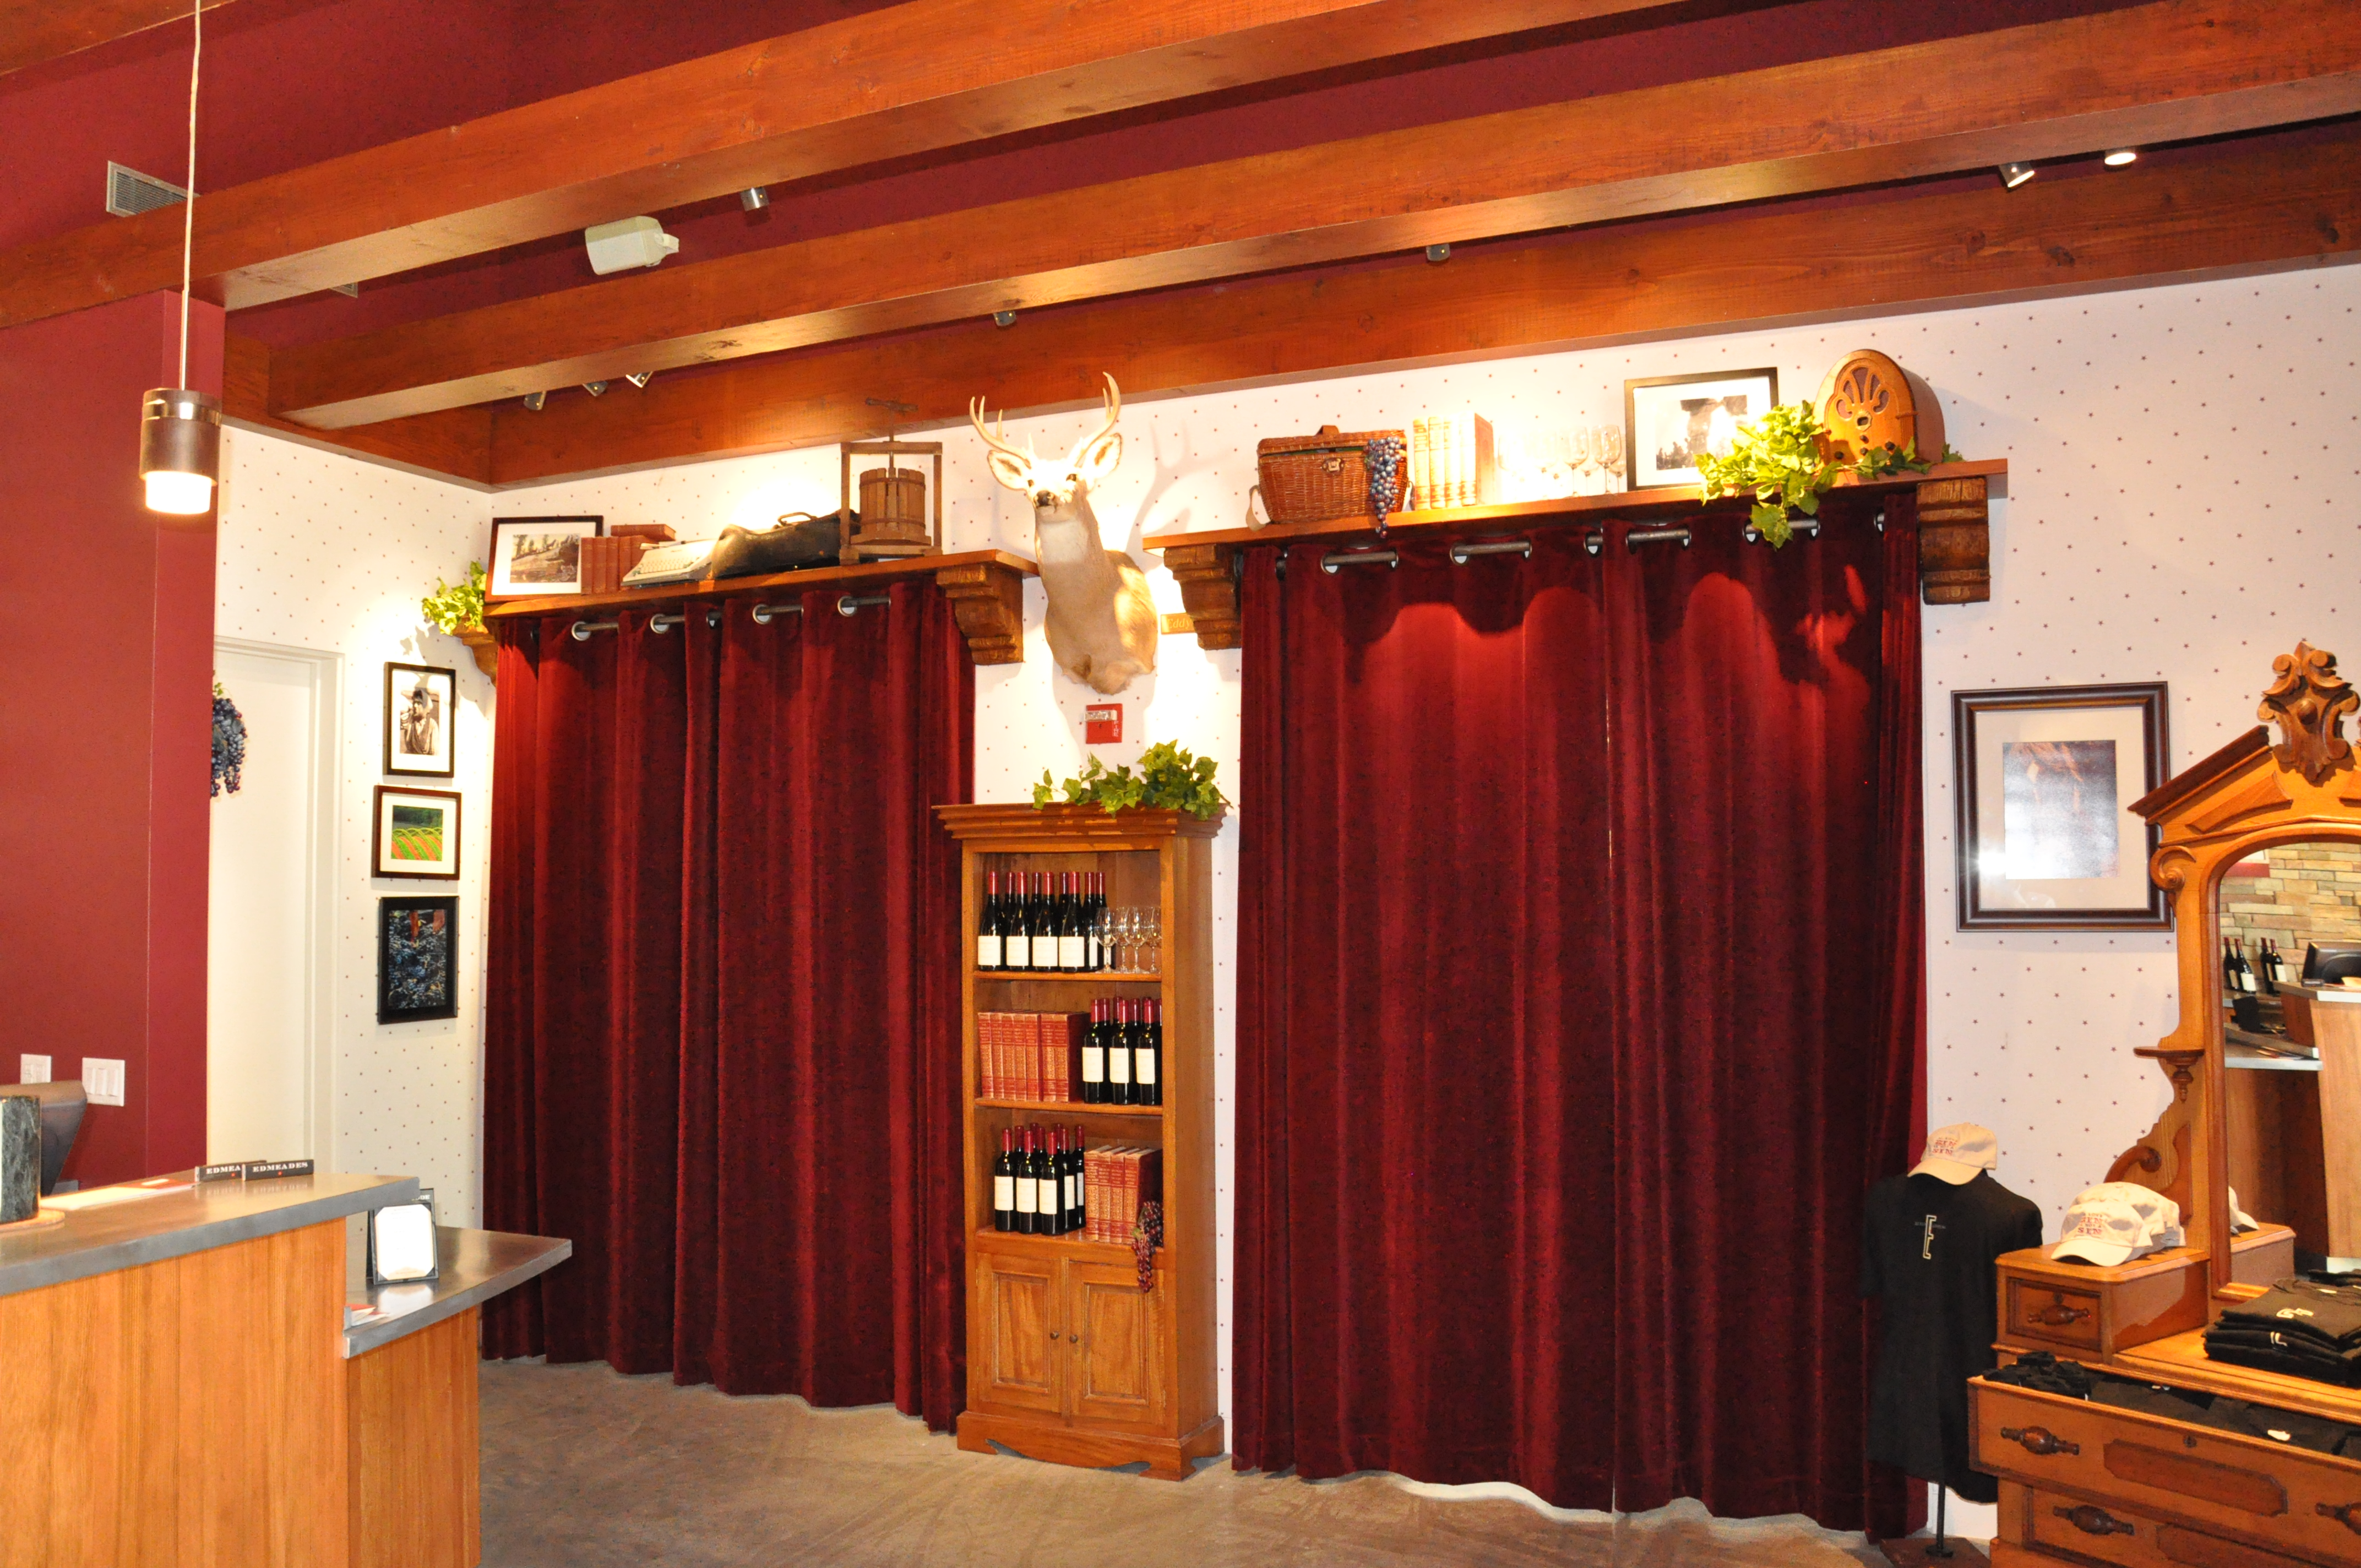 Edmeades Tasting Room